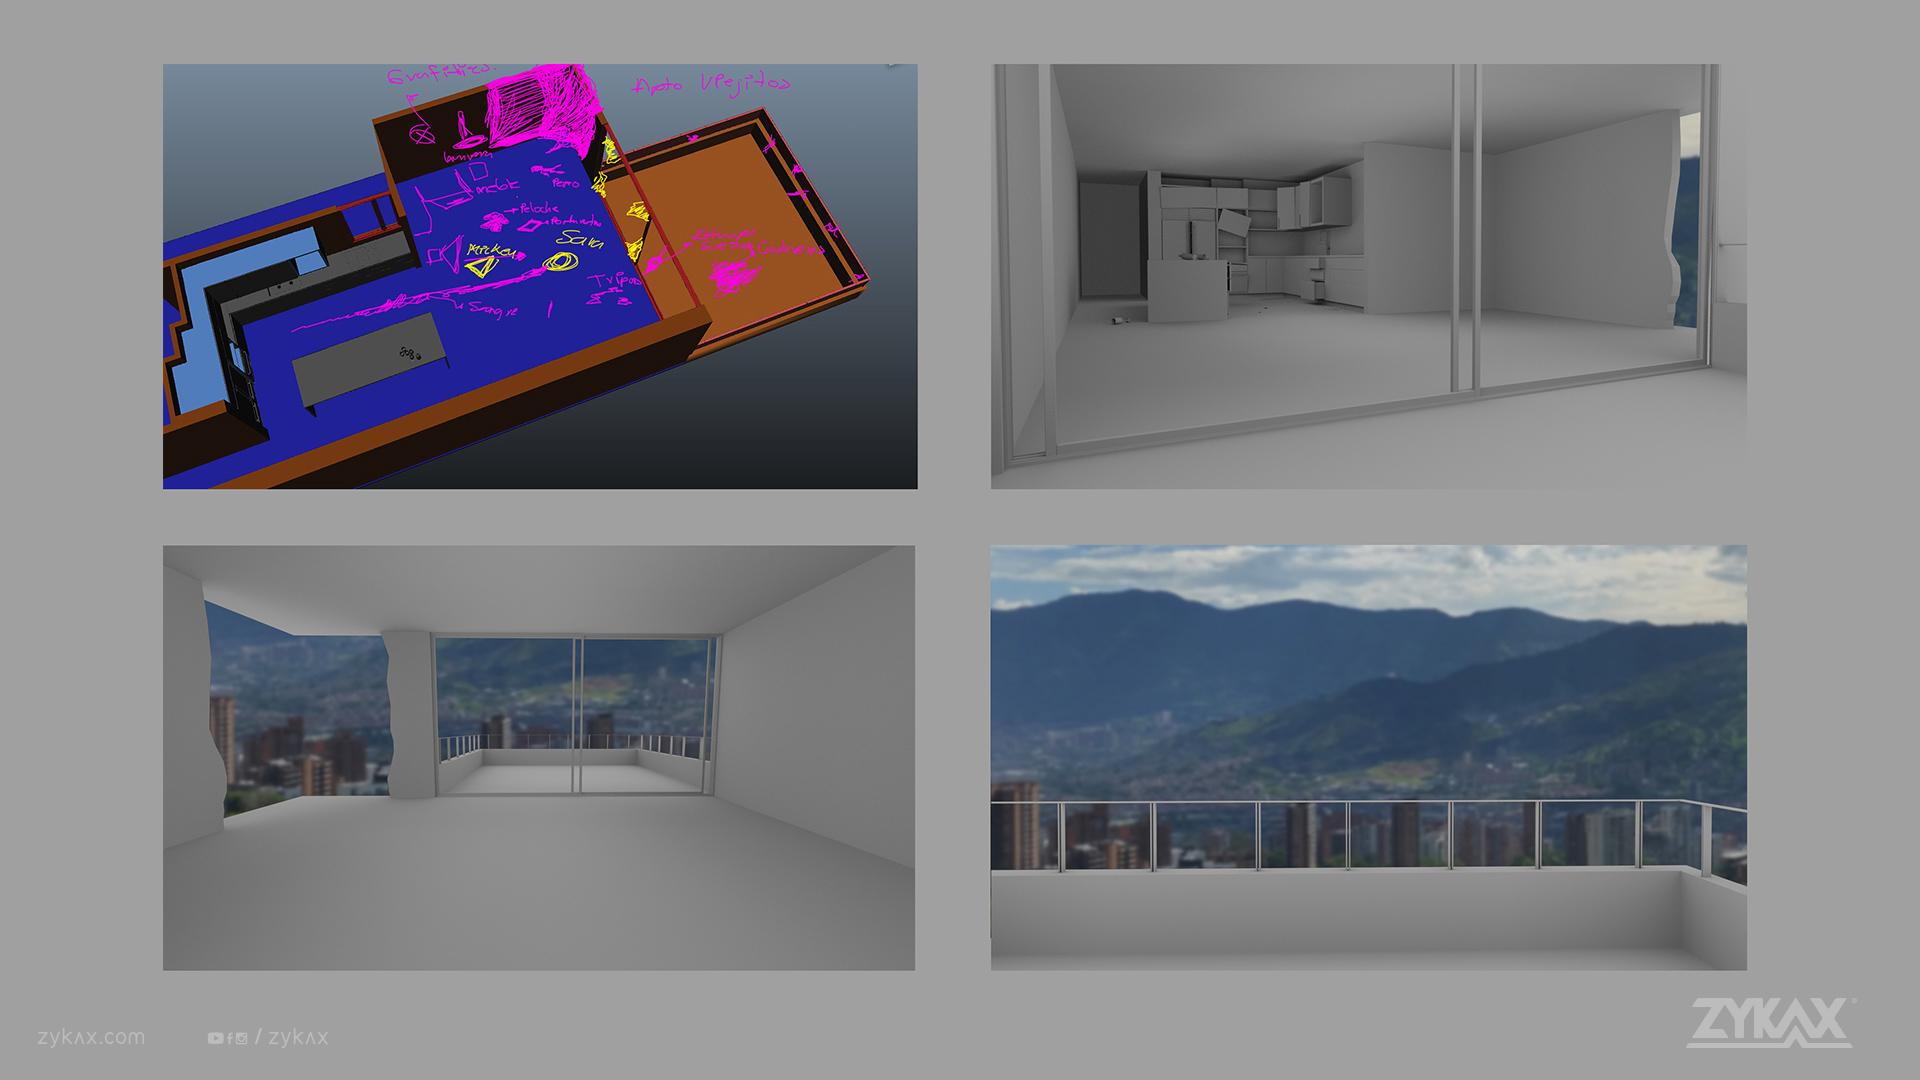 zykax servicios de animacion cortometraje rebirth 5